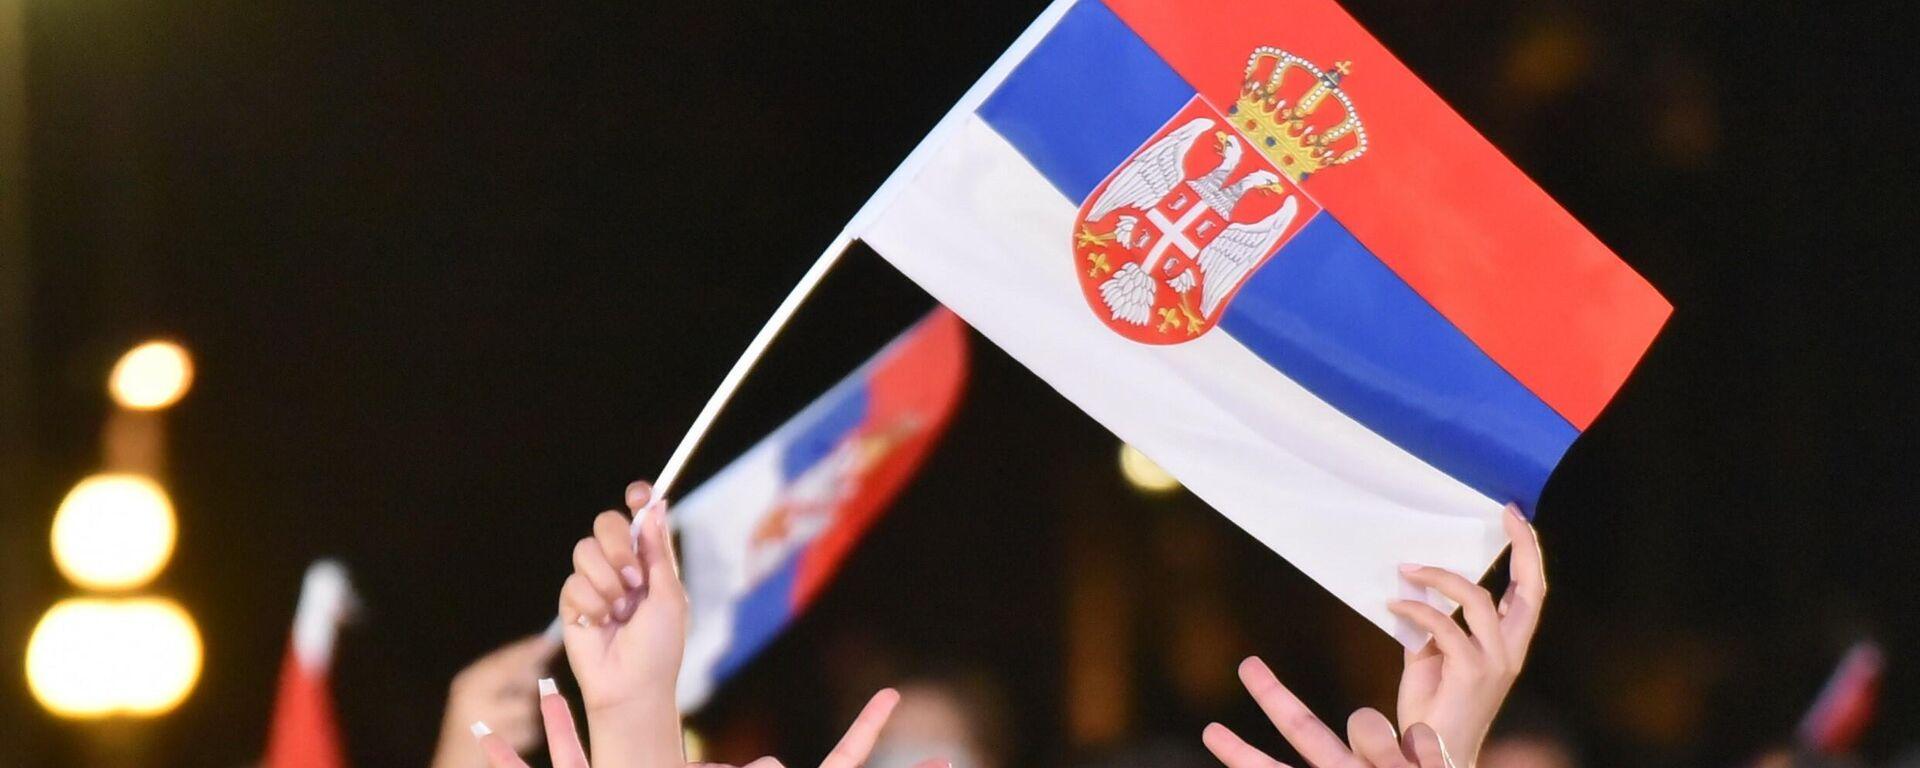 Застава Србије - Sputnik Србија, 1920, 09.09.2021